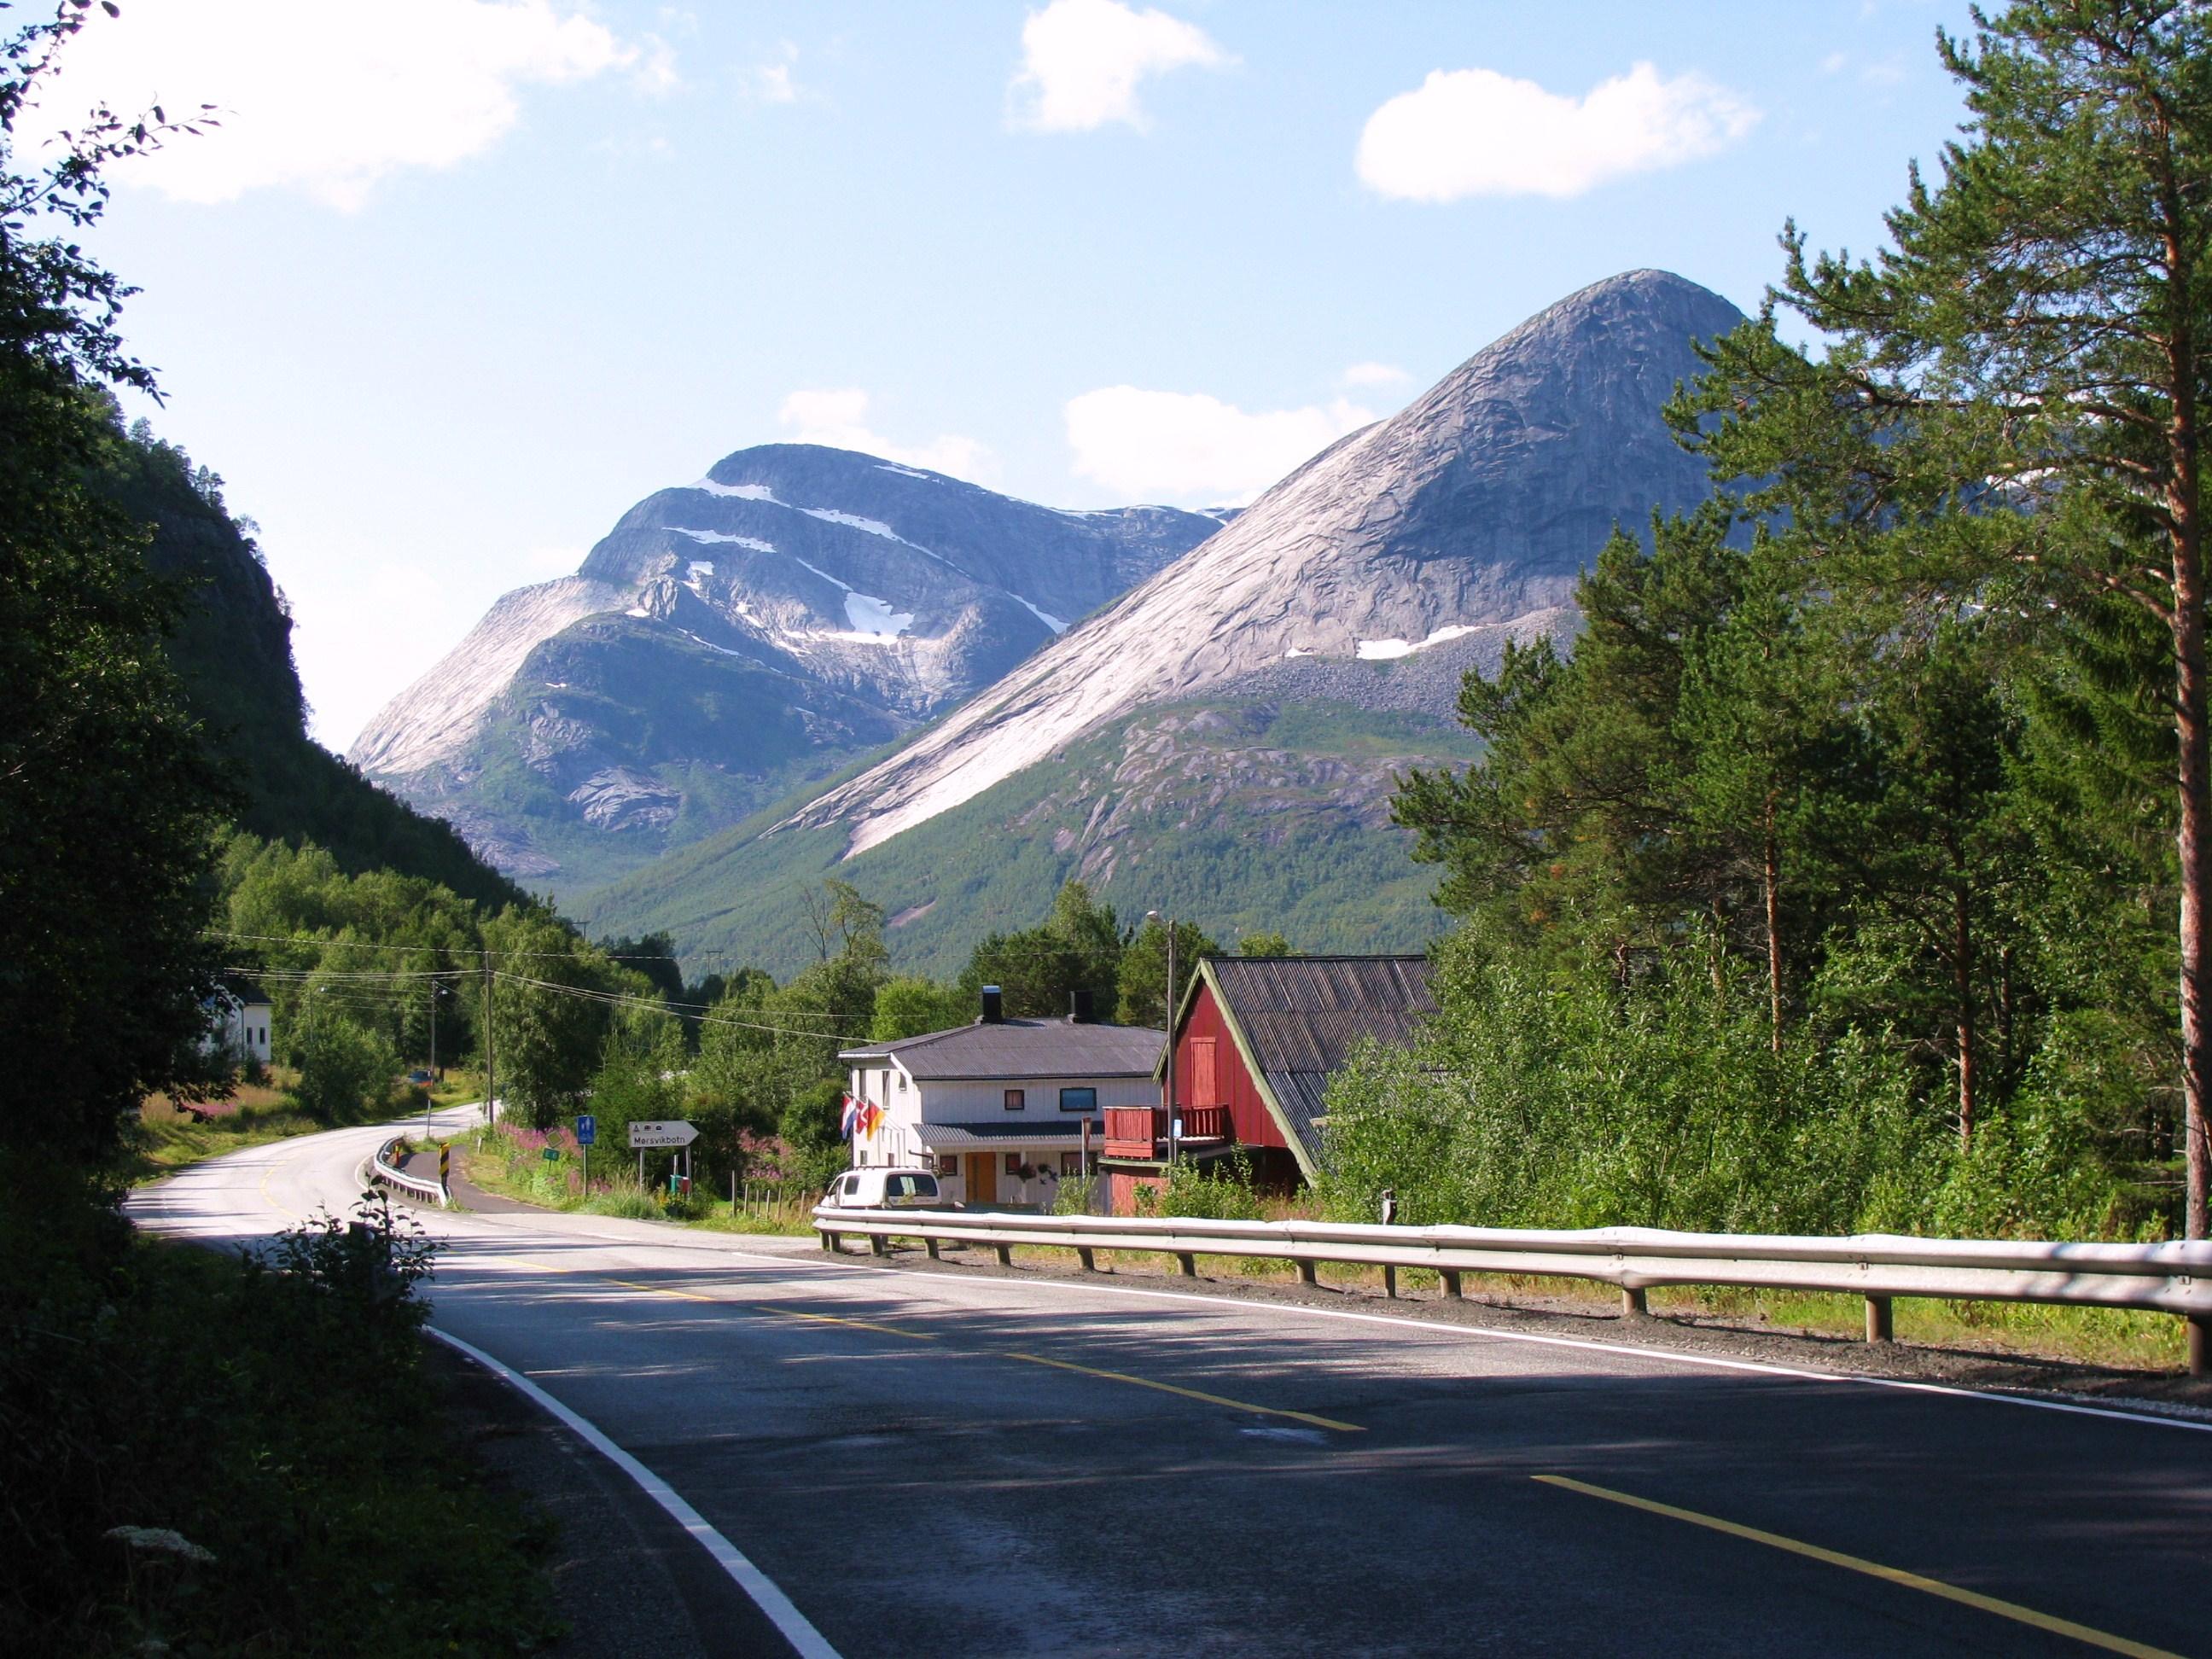 Oslo Gt Alesund Gt Lofoten Gt Oslo 2 Weeks Drive Or Must